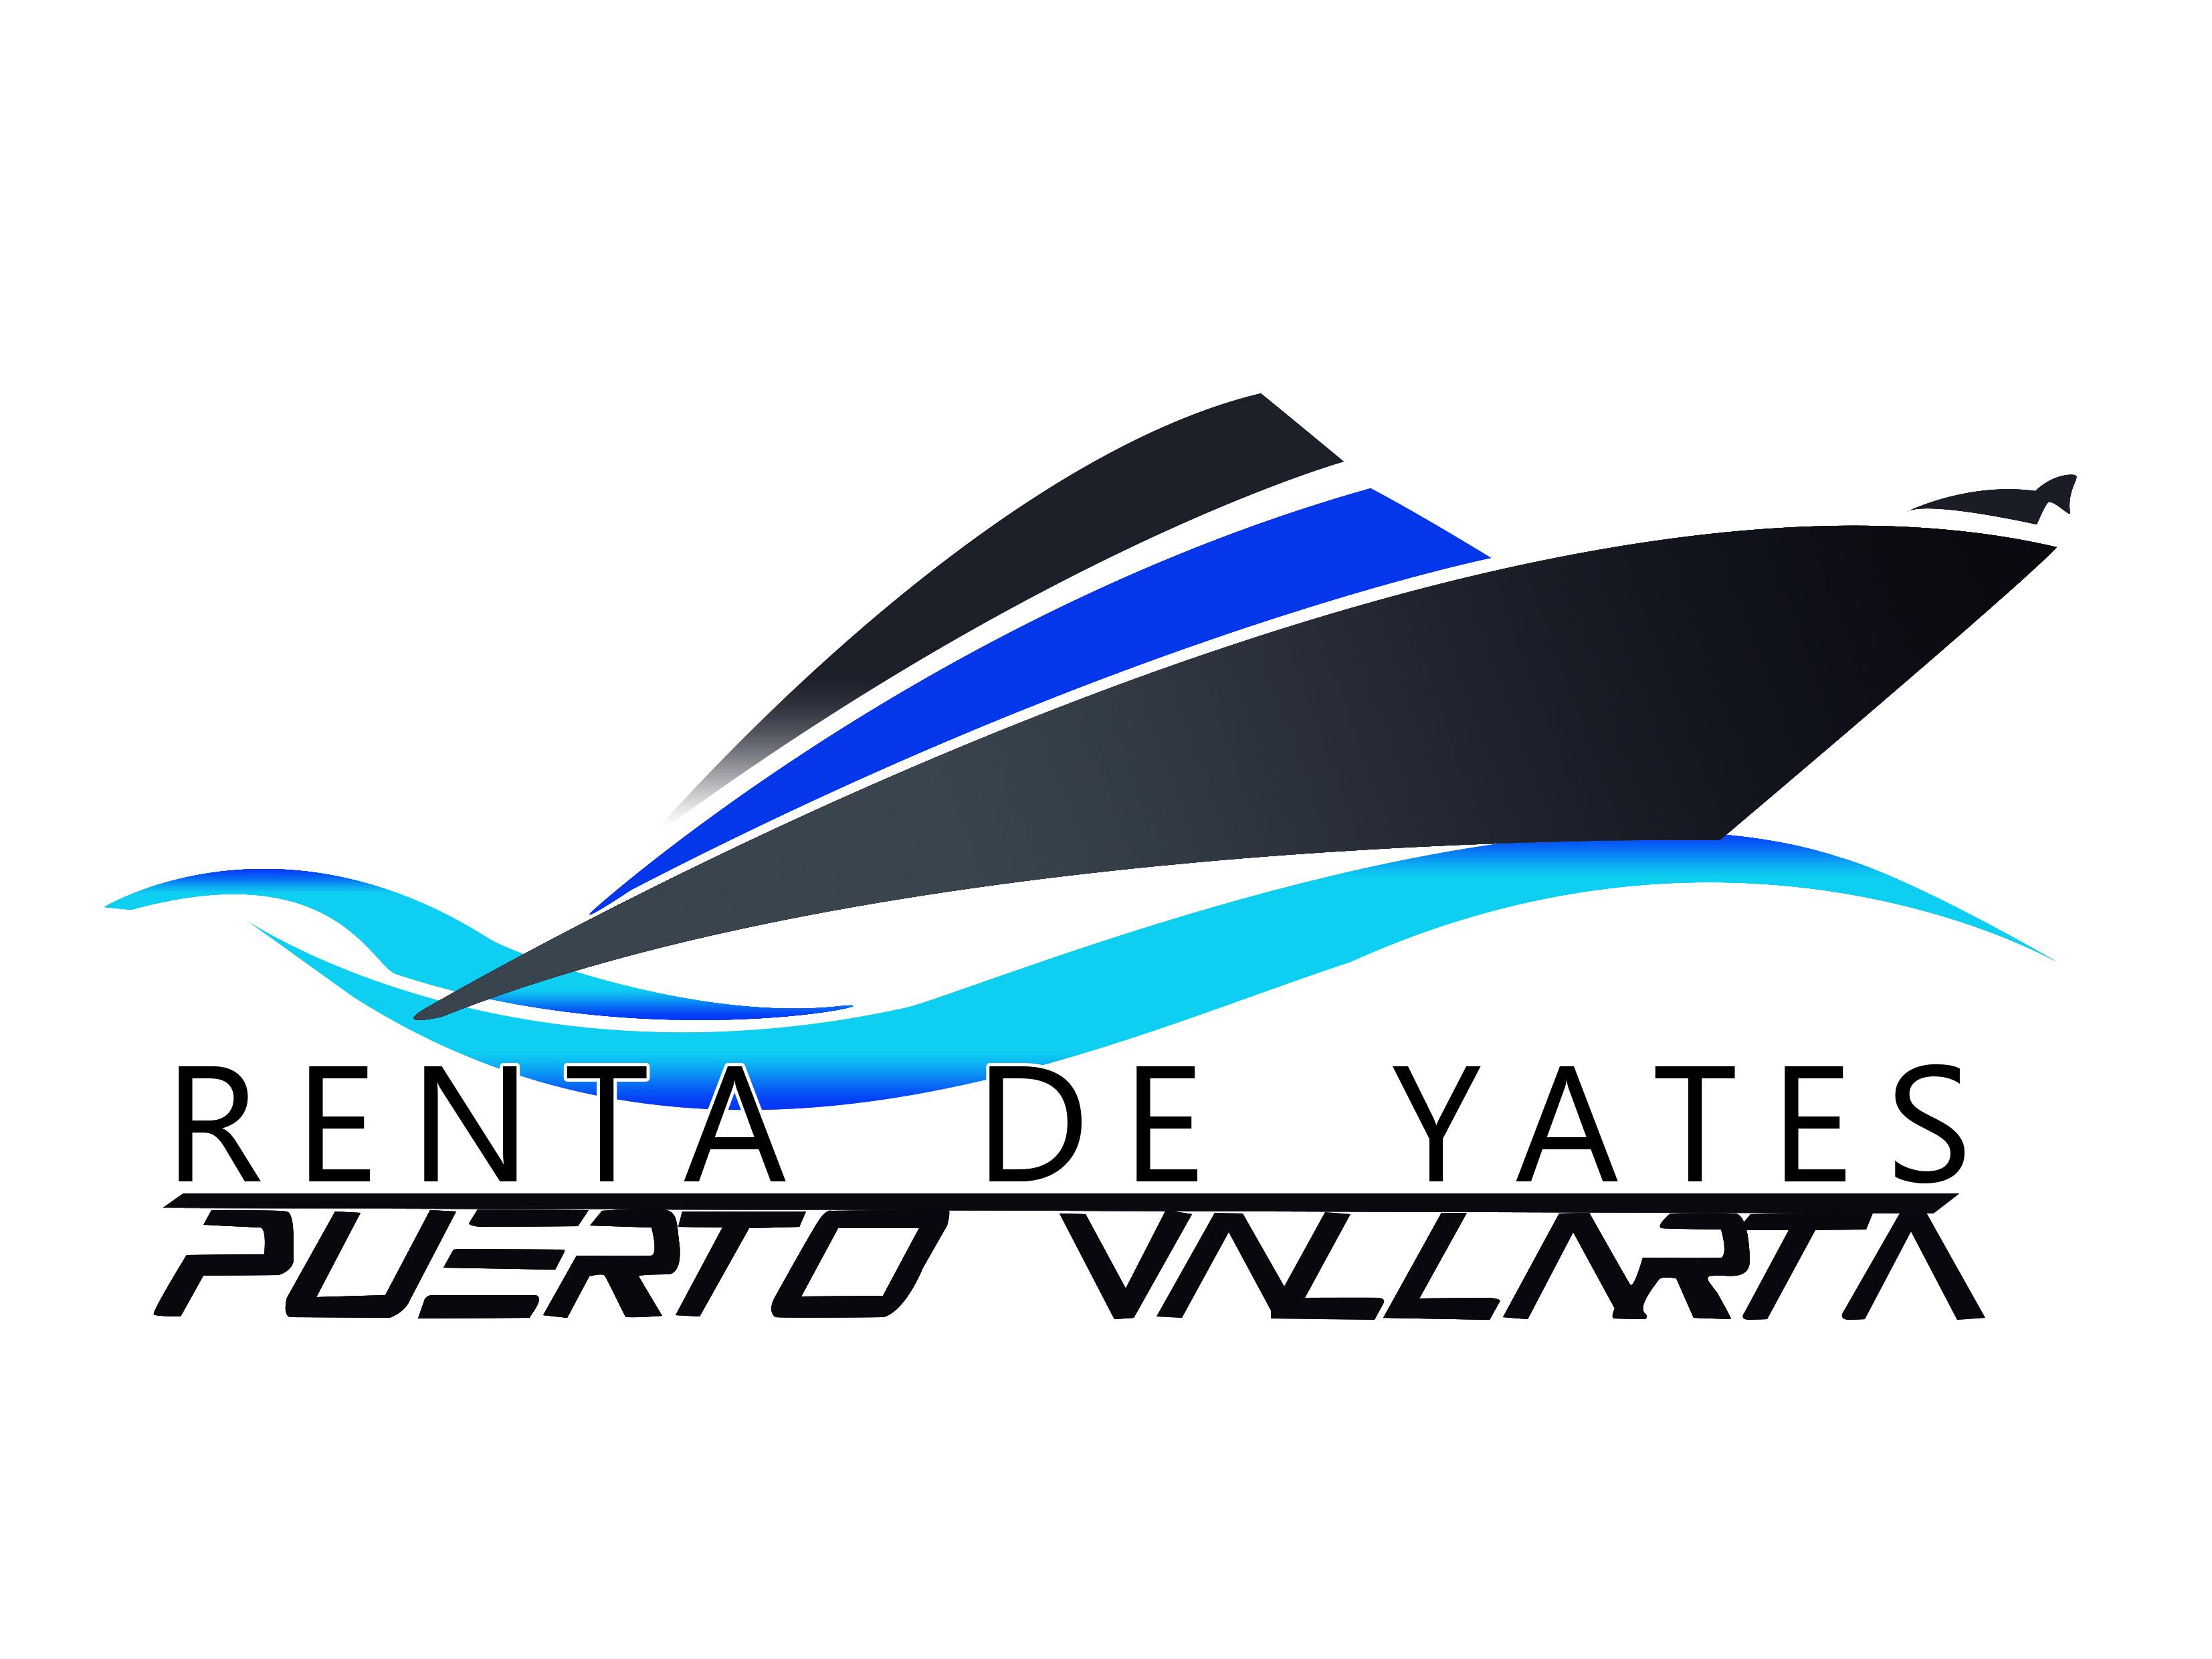 Yates vallarta